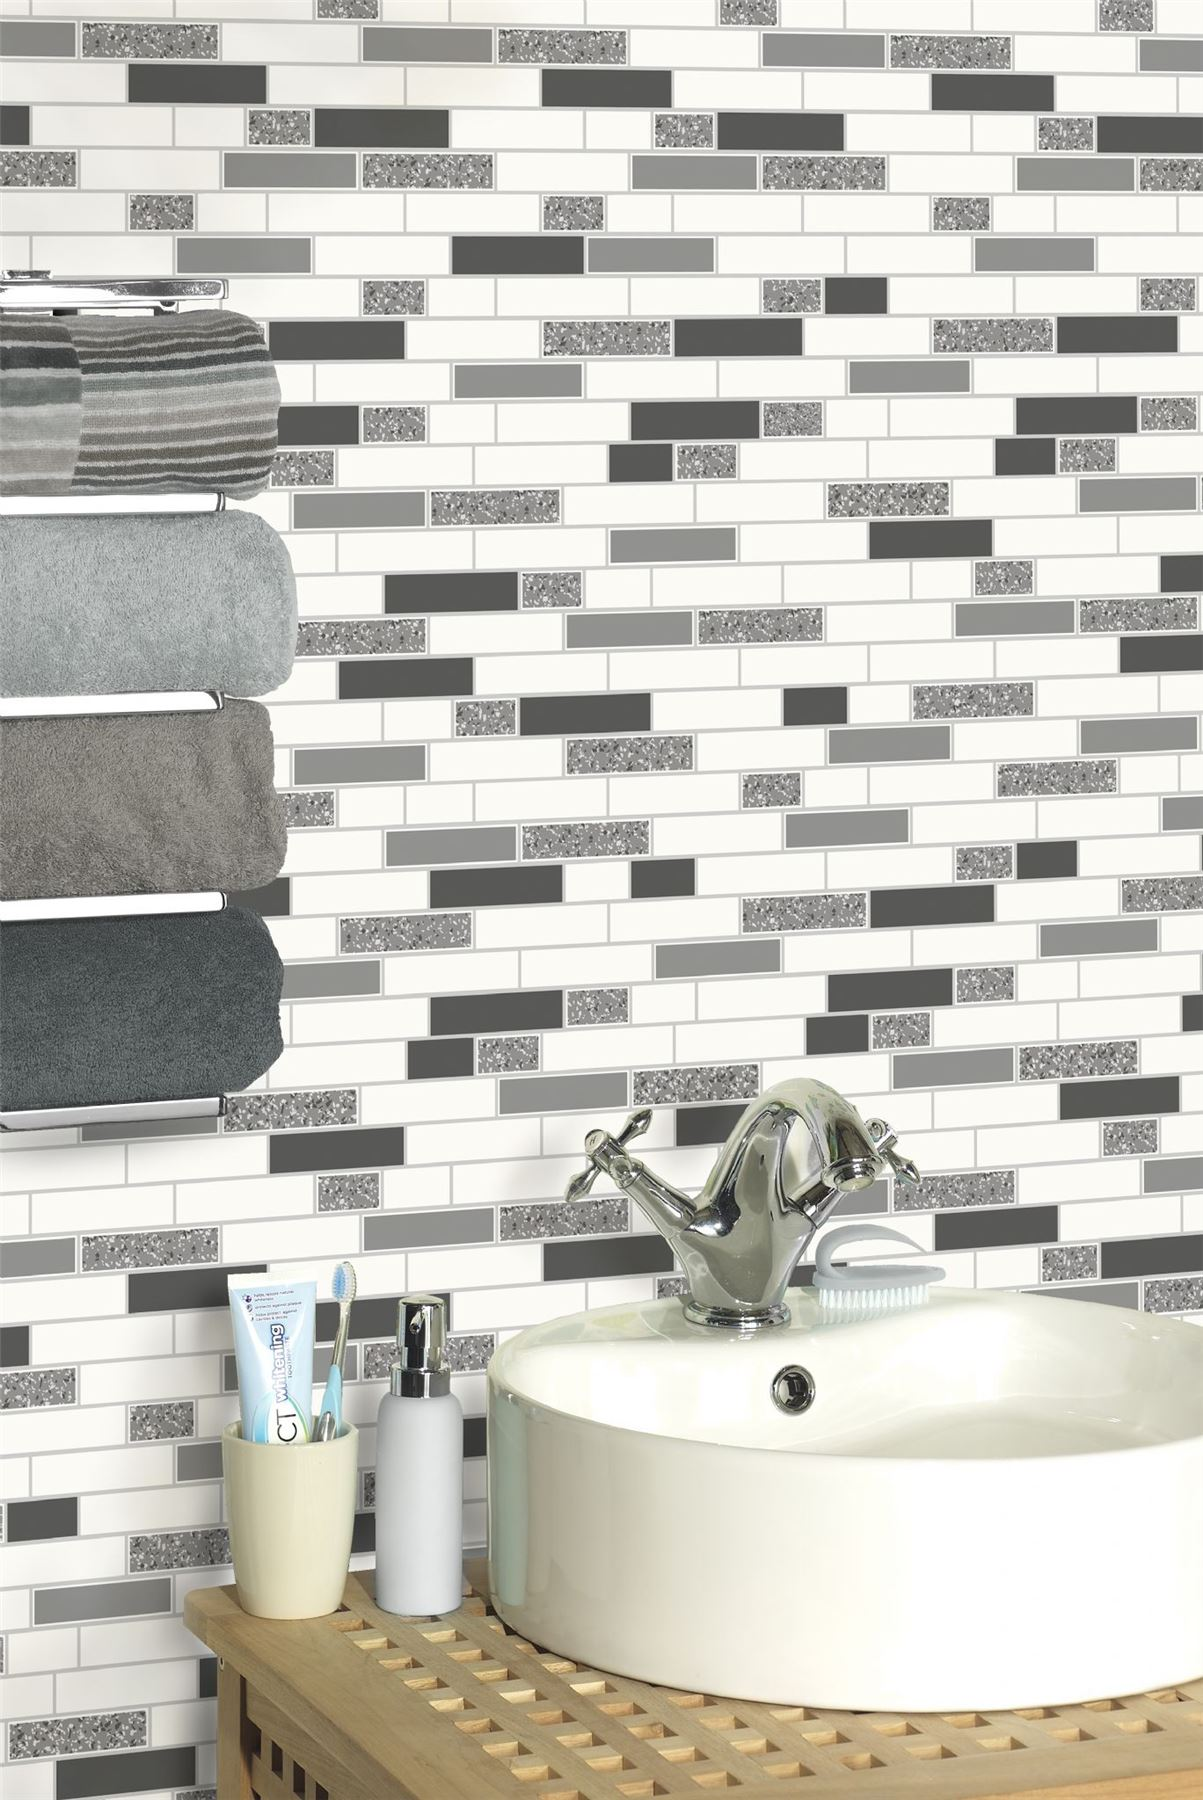 Oblong-Stone-Tile-Kitchen-Bathroom-Wallpaper-Vinyl-Silver-Glitter-Holden-Decor thumbnail 9